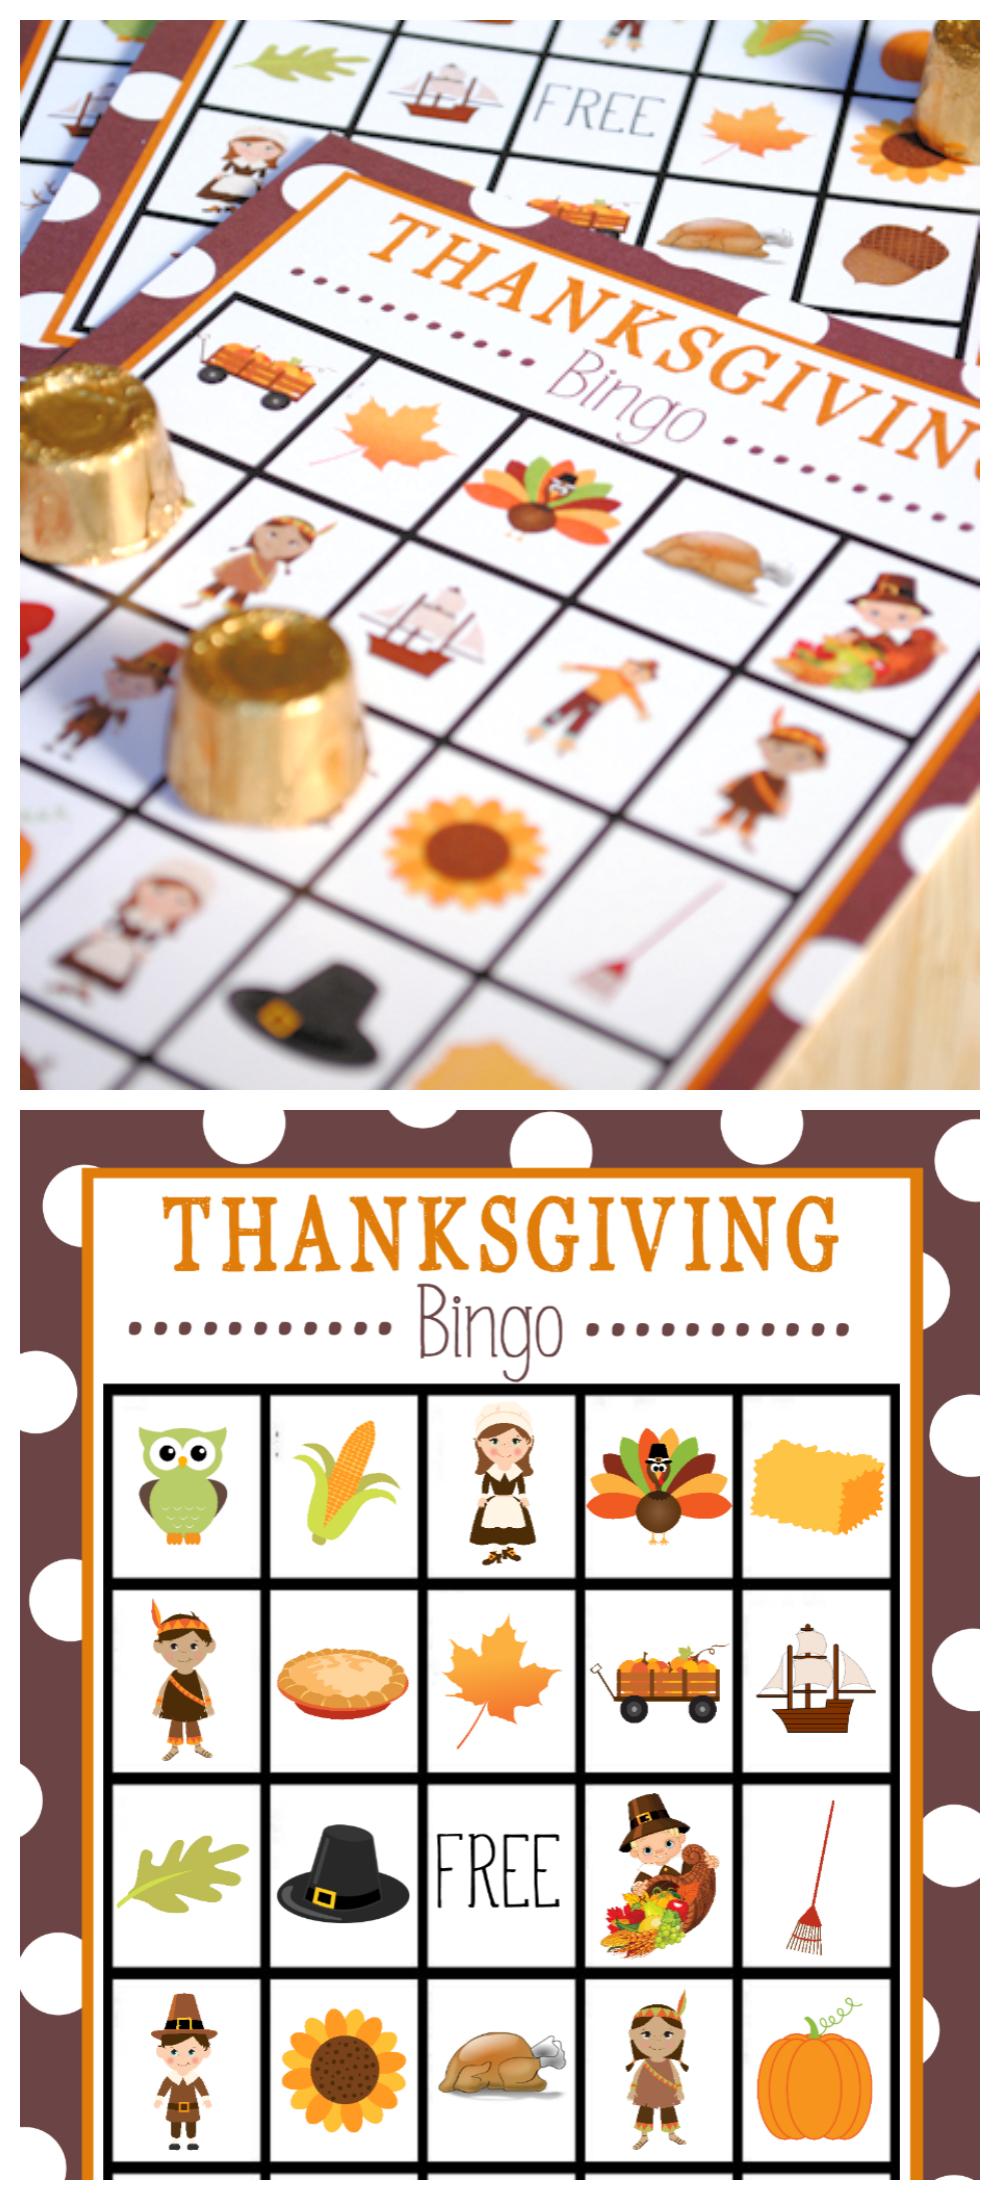 Free Printable Thanksgiving Bingo Game   Thanksgiving   Thanksgiving - Free Printable For Thanksgiving